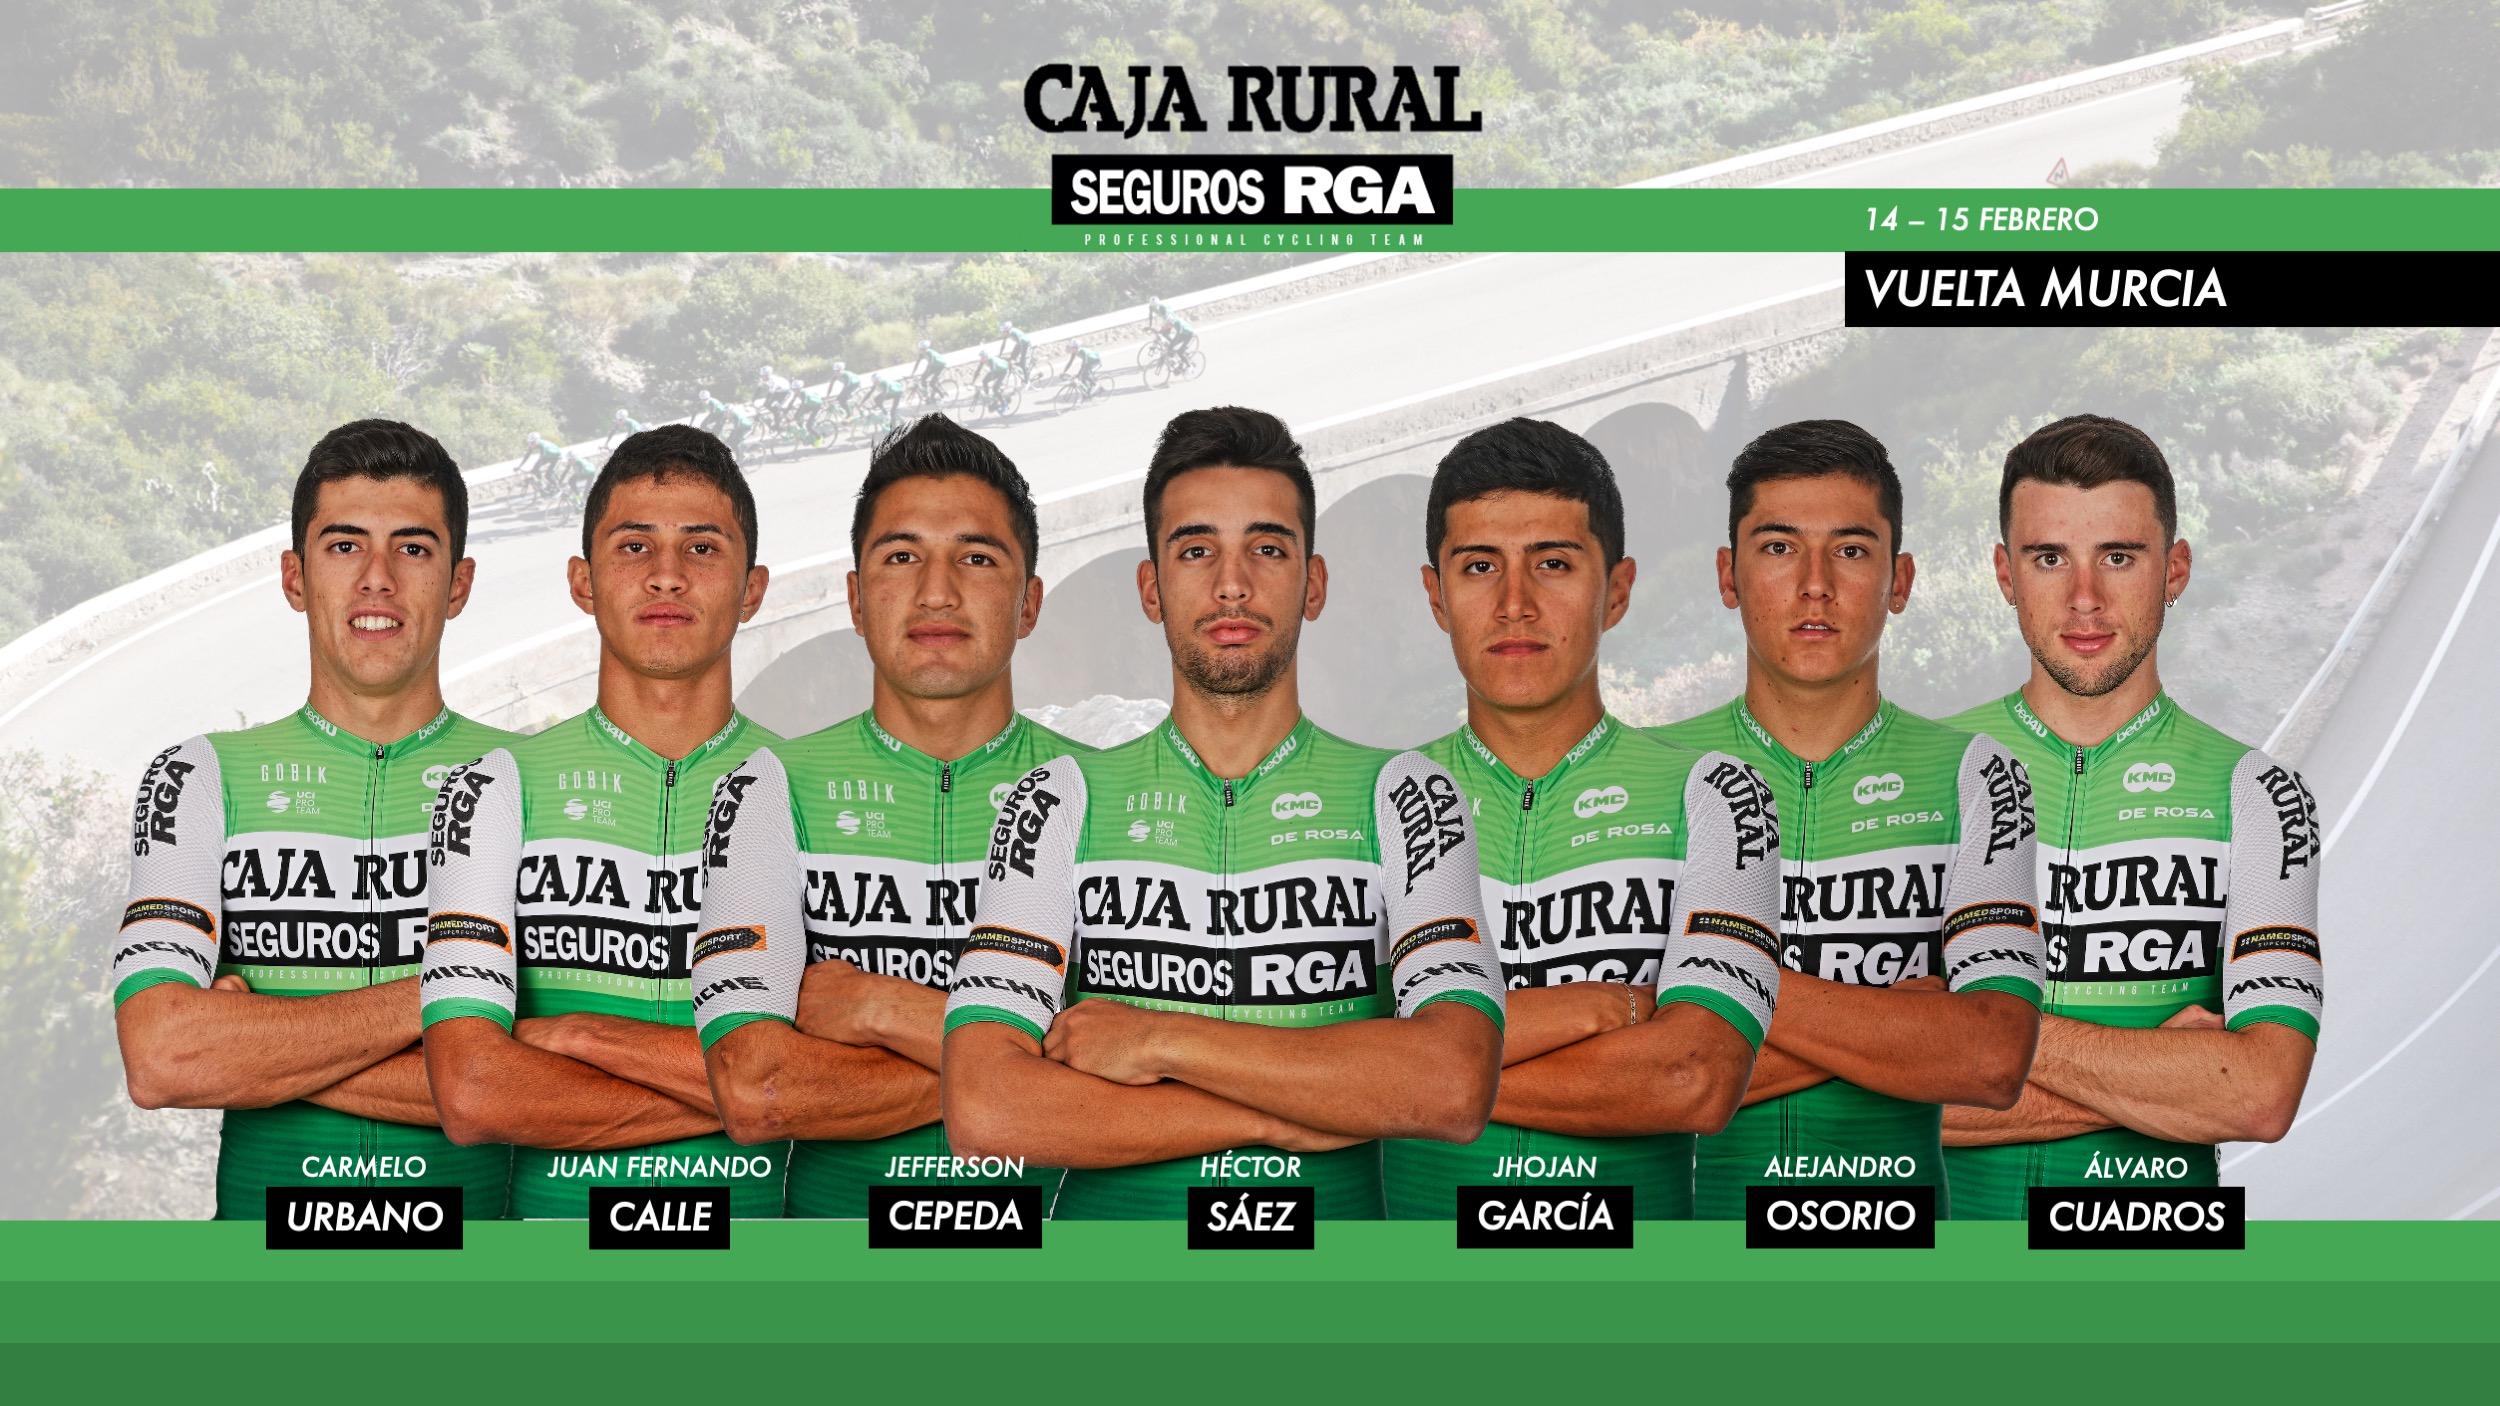 Doble oportunidad en el Sur con Vuelta a Murcia y Clásica de Almería